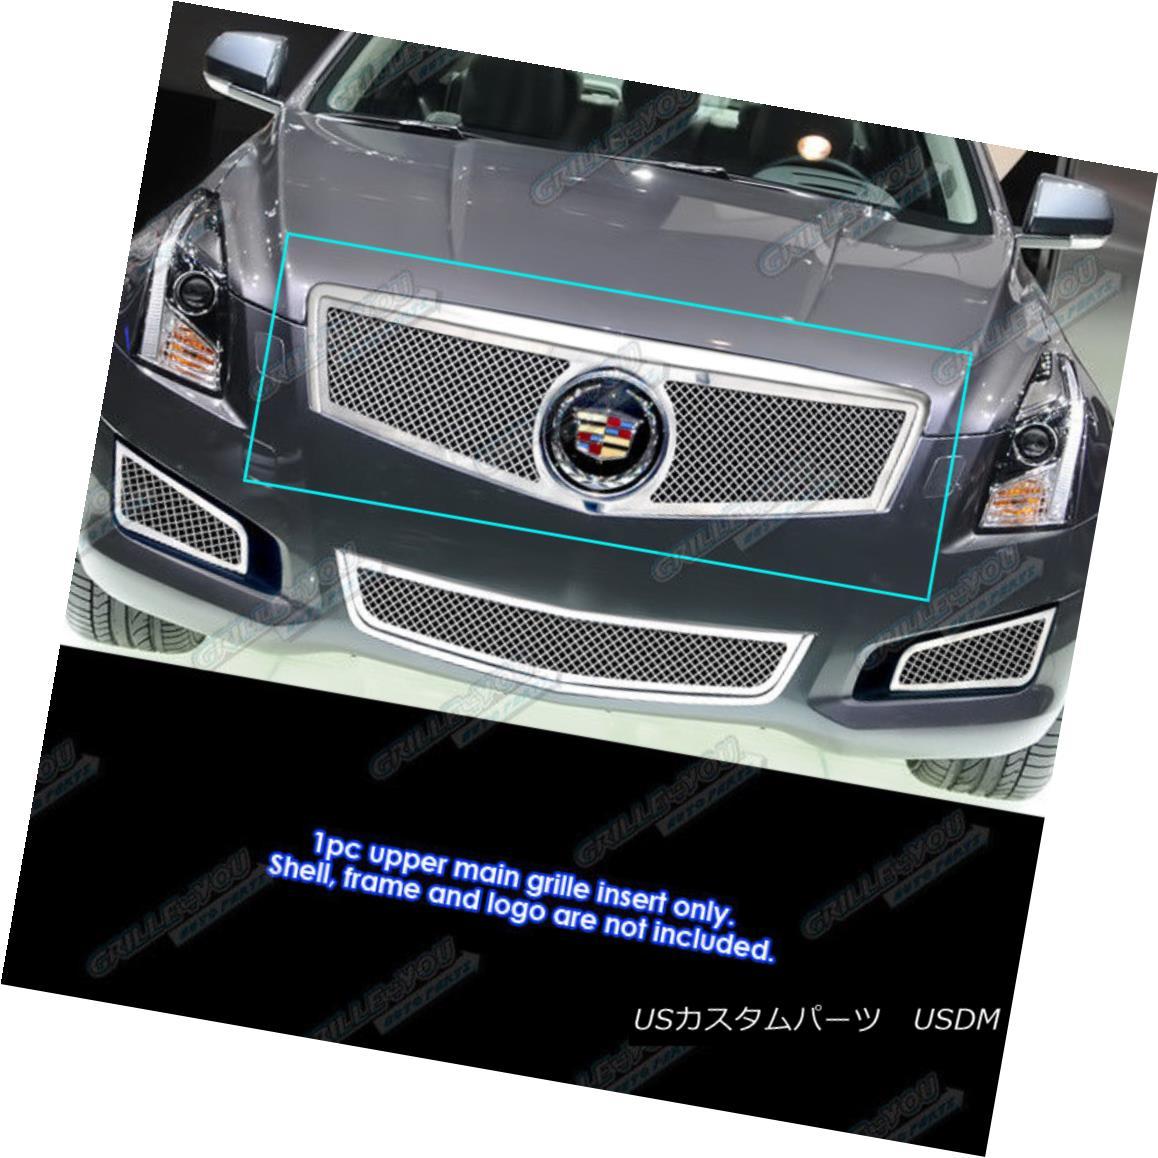 グリル For 2013-2014 Cadillac ATS Logo Show Stainless Upper Mesh Grille Insert 2013-2014キャデラックATSロゴショーステンレスアッパーメッシュグリルインサート